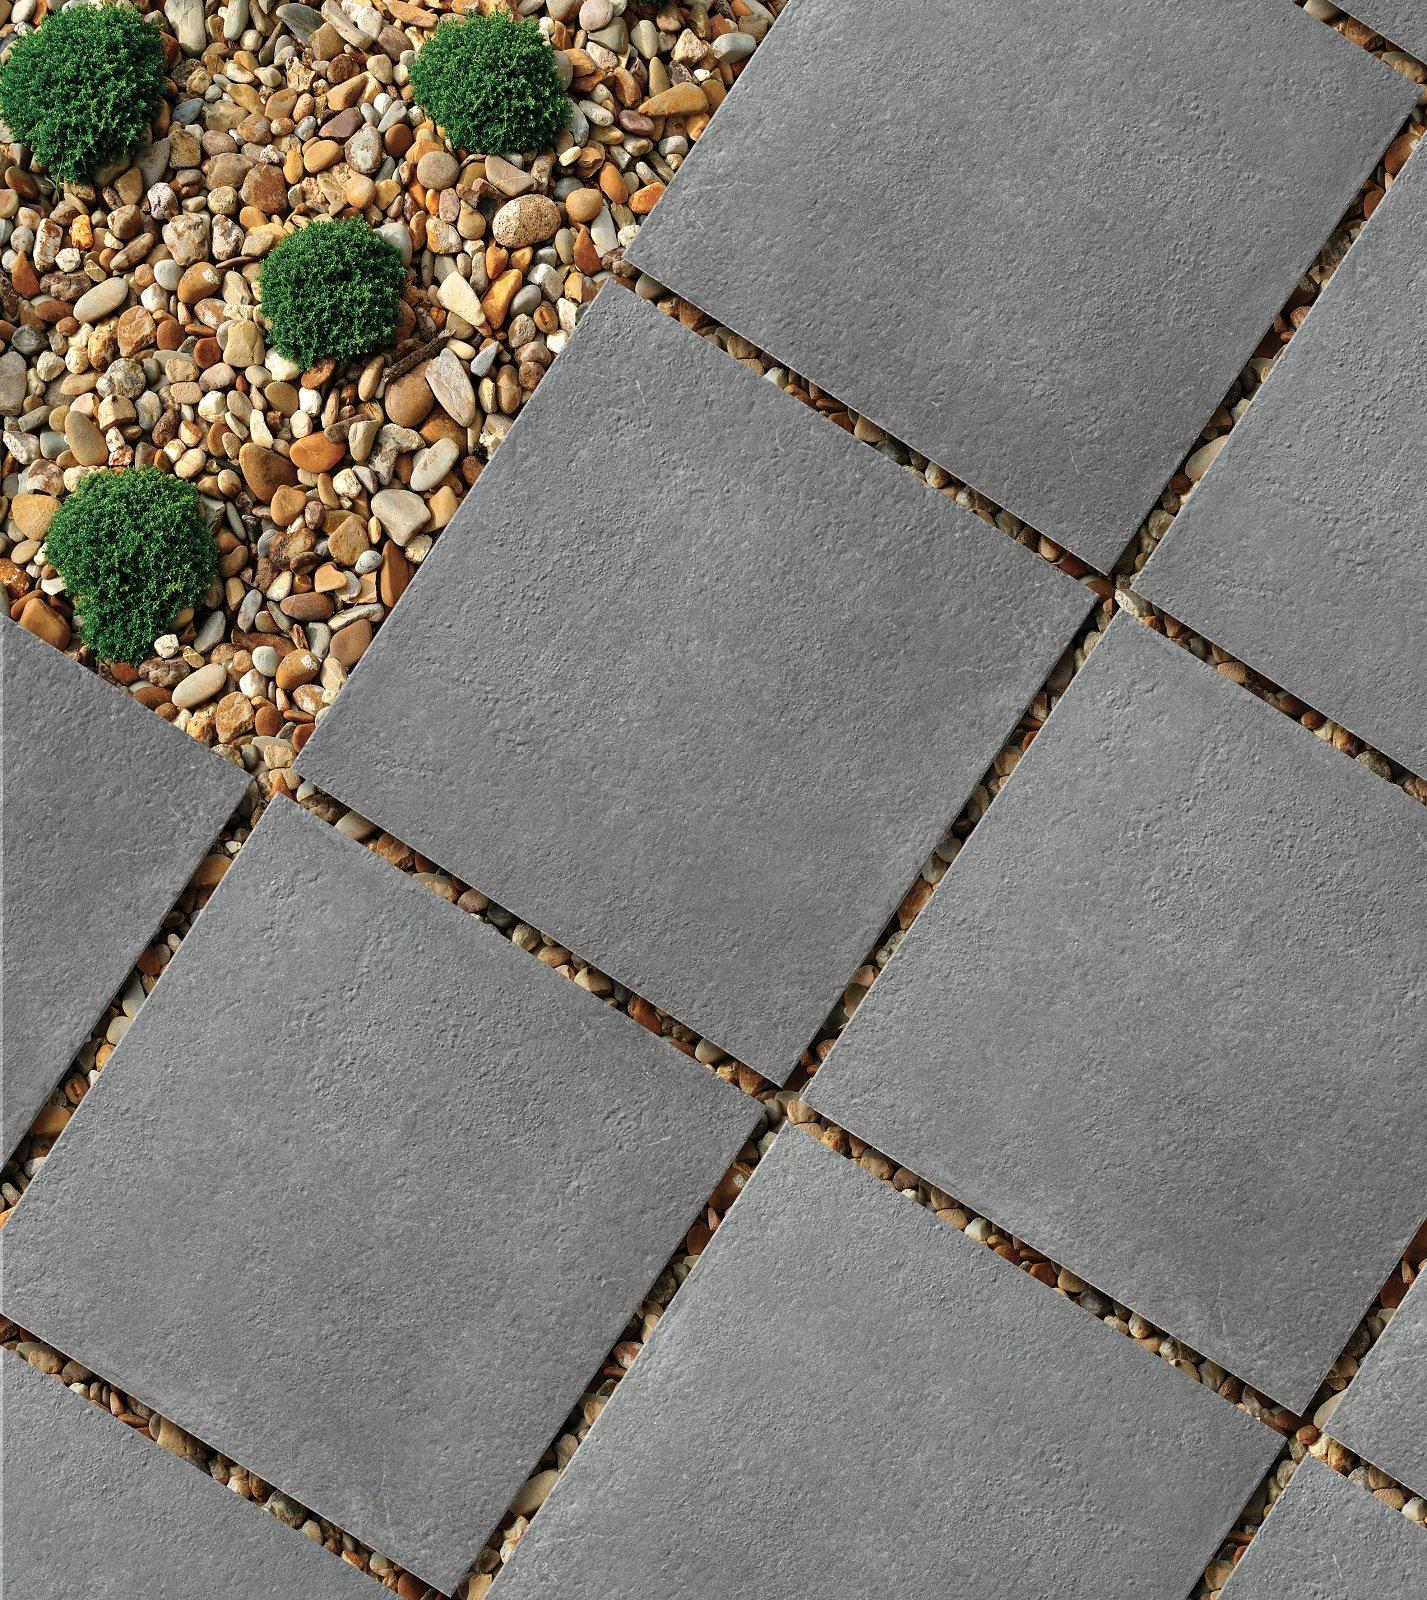 Posa Pavimento A Secco Giardino pavimenti per l'esterno, effetto legno e pietra in gres